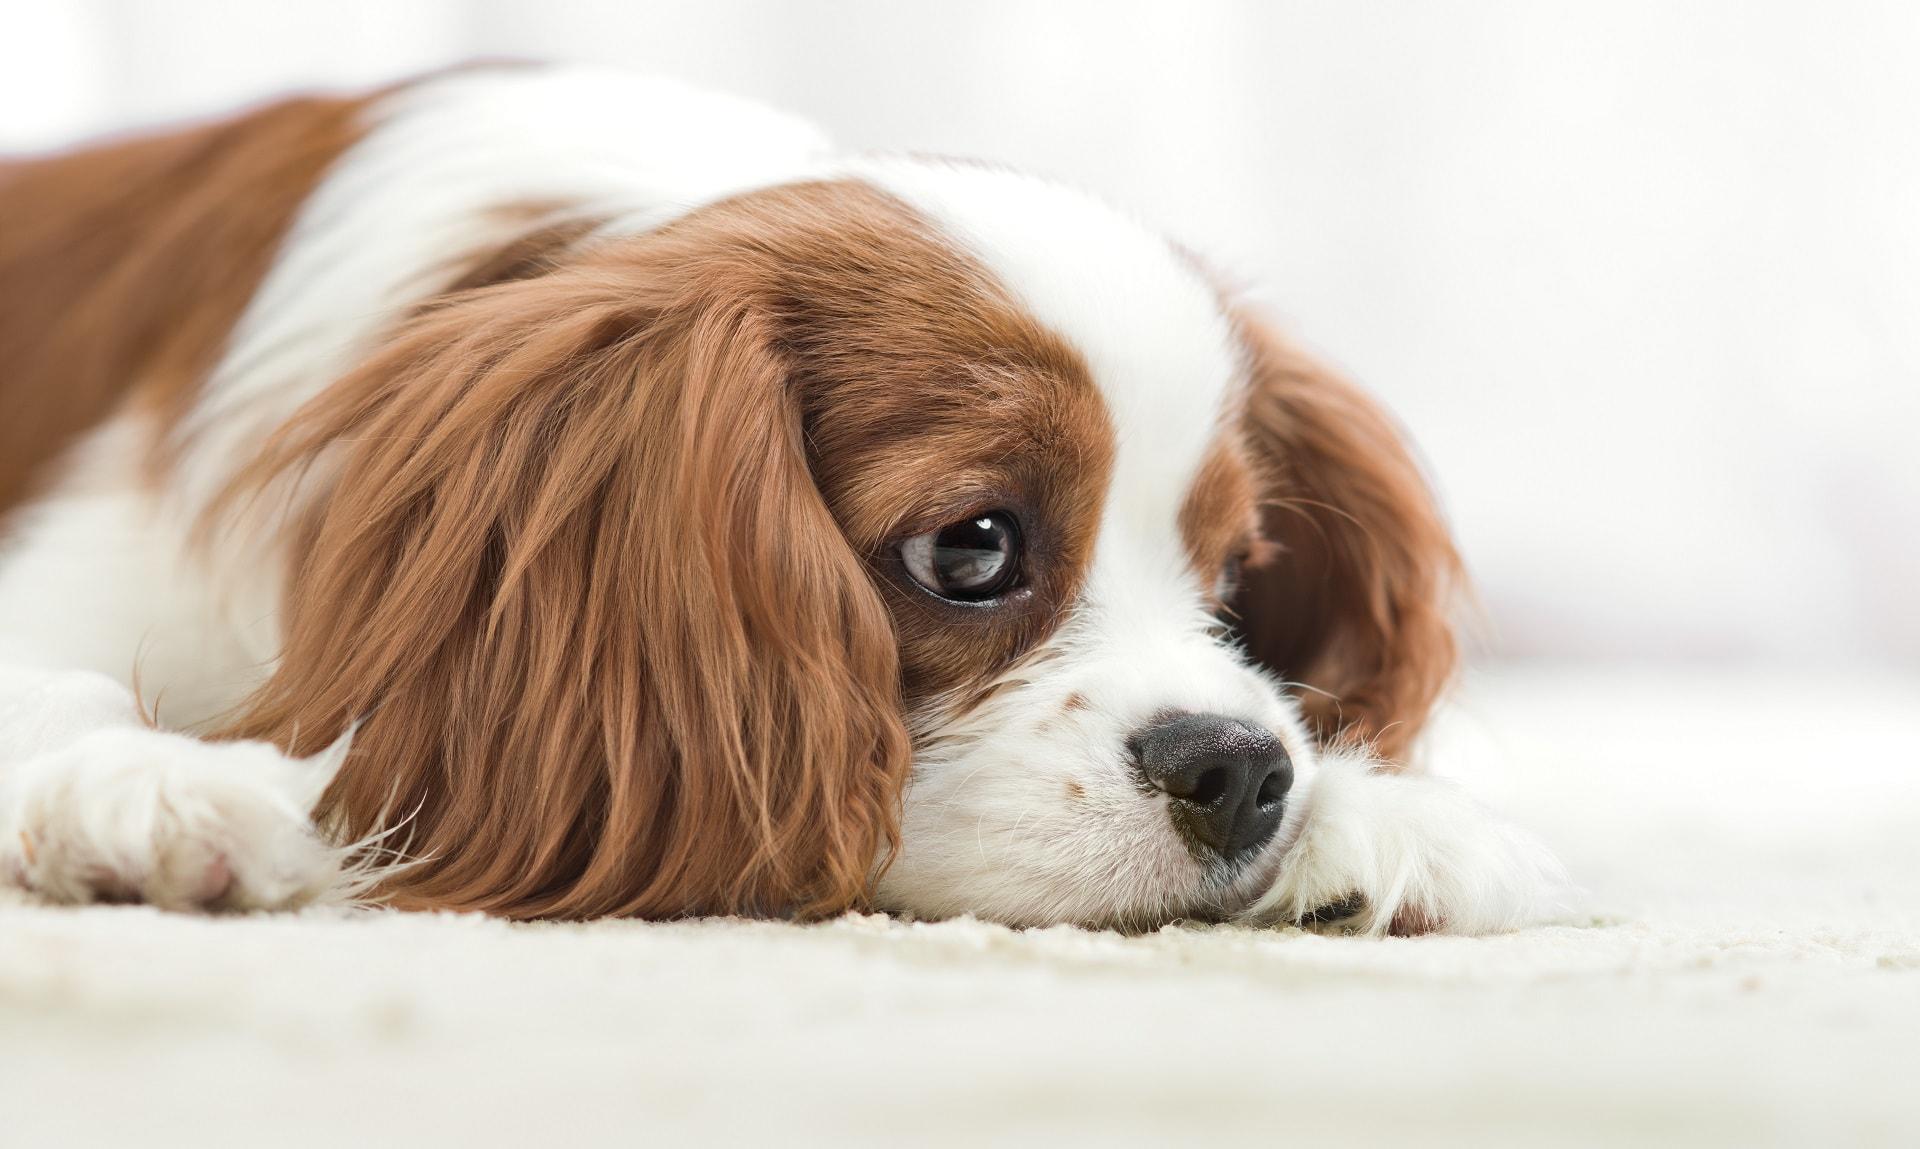 zatwardzenie u psa